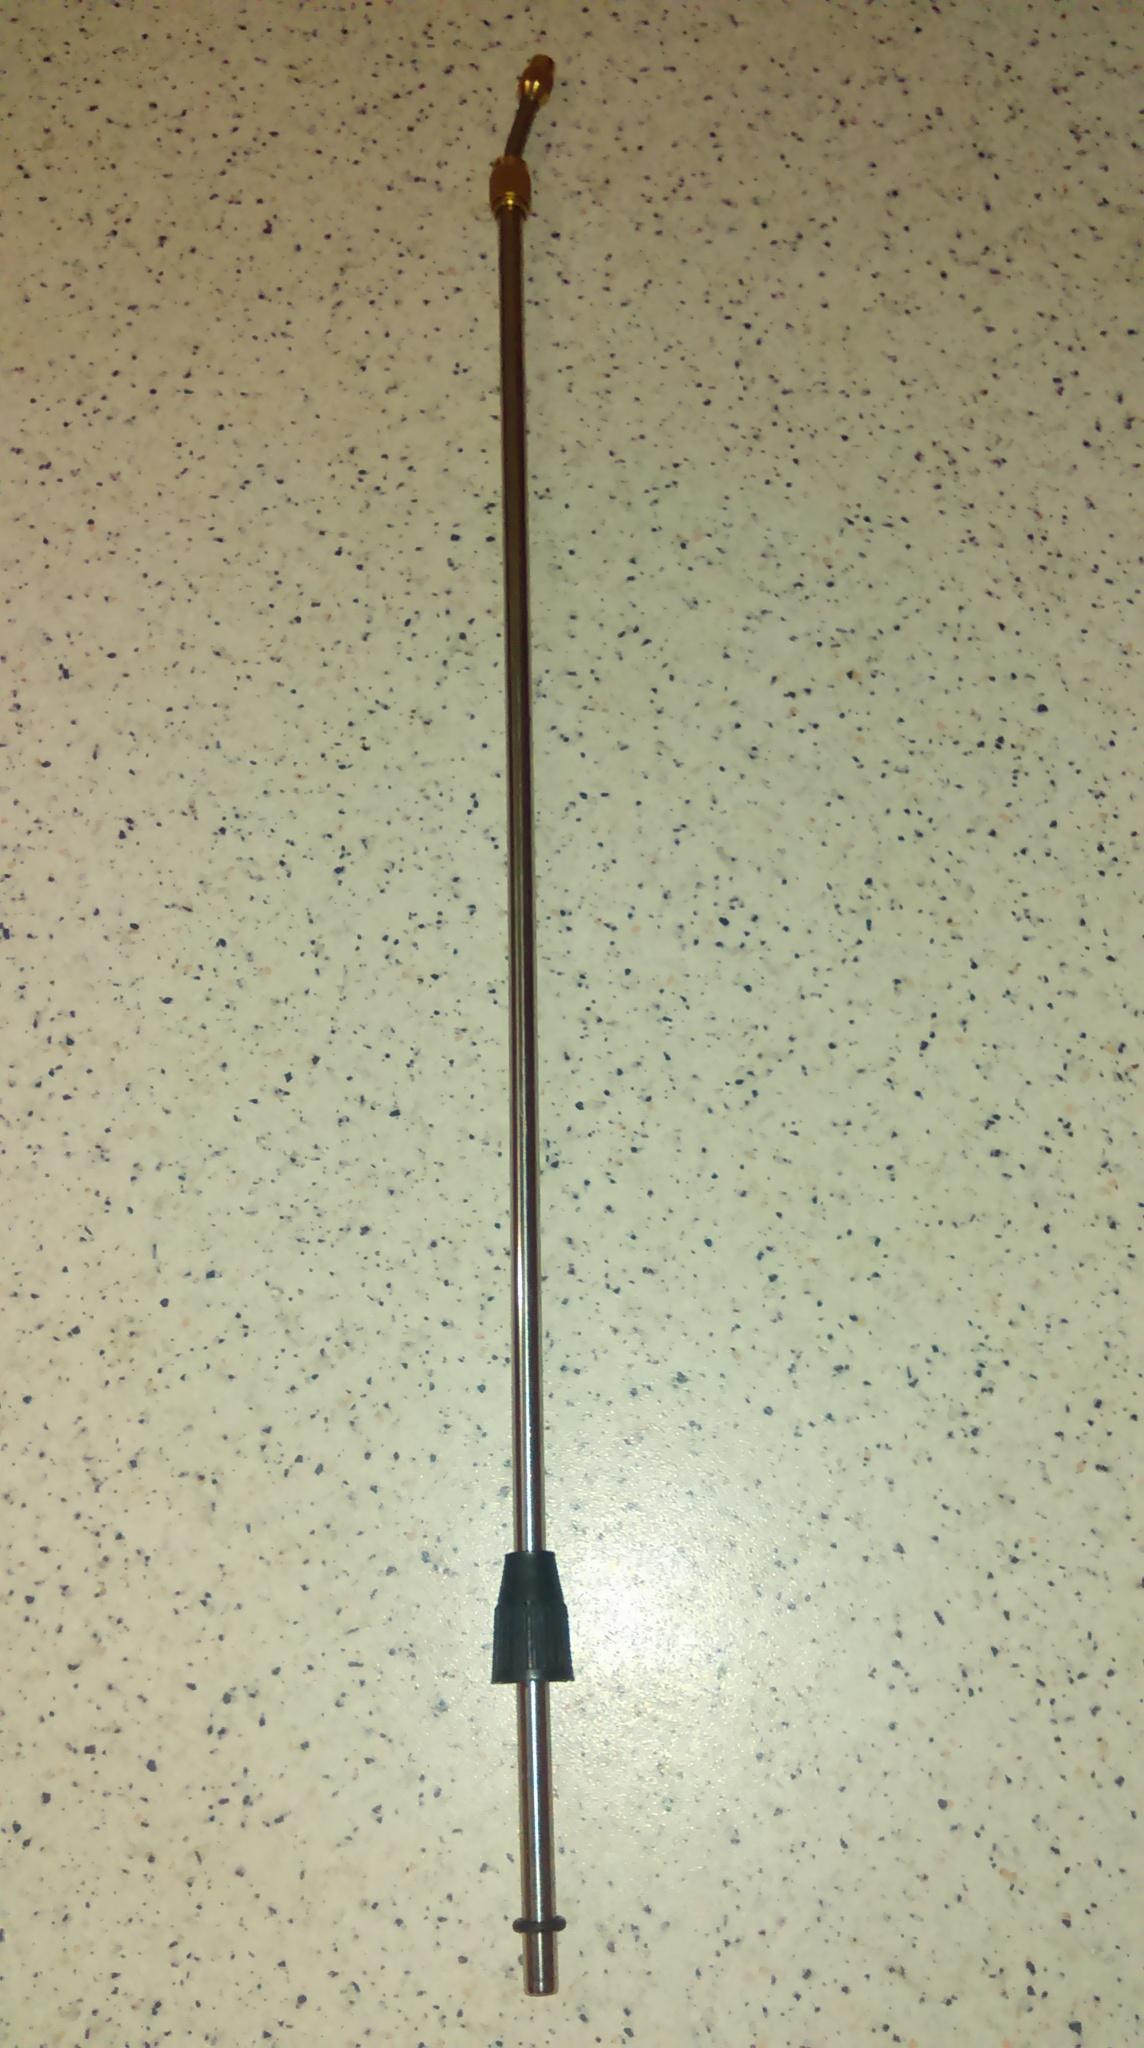 Удочка из нерж. стали модель УРП-1м (длина100 см) цена